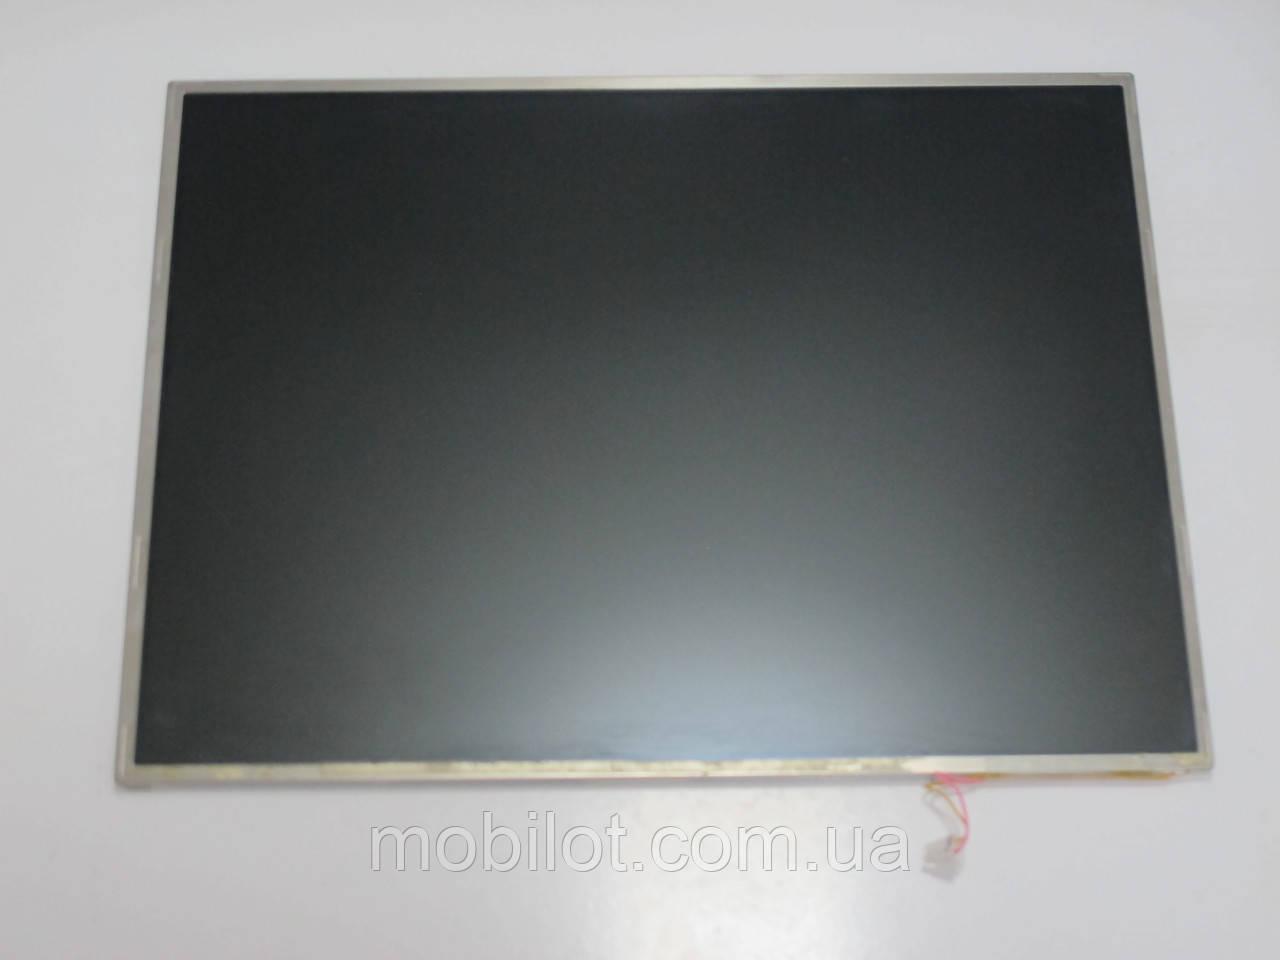 Экран (матрица) LG 15.0 Lamp (NZ-6439)